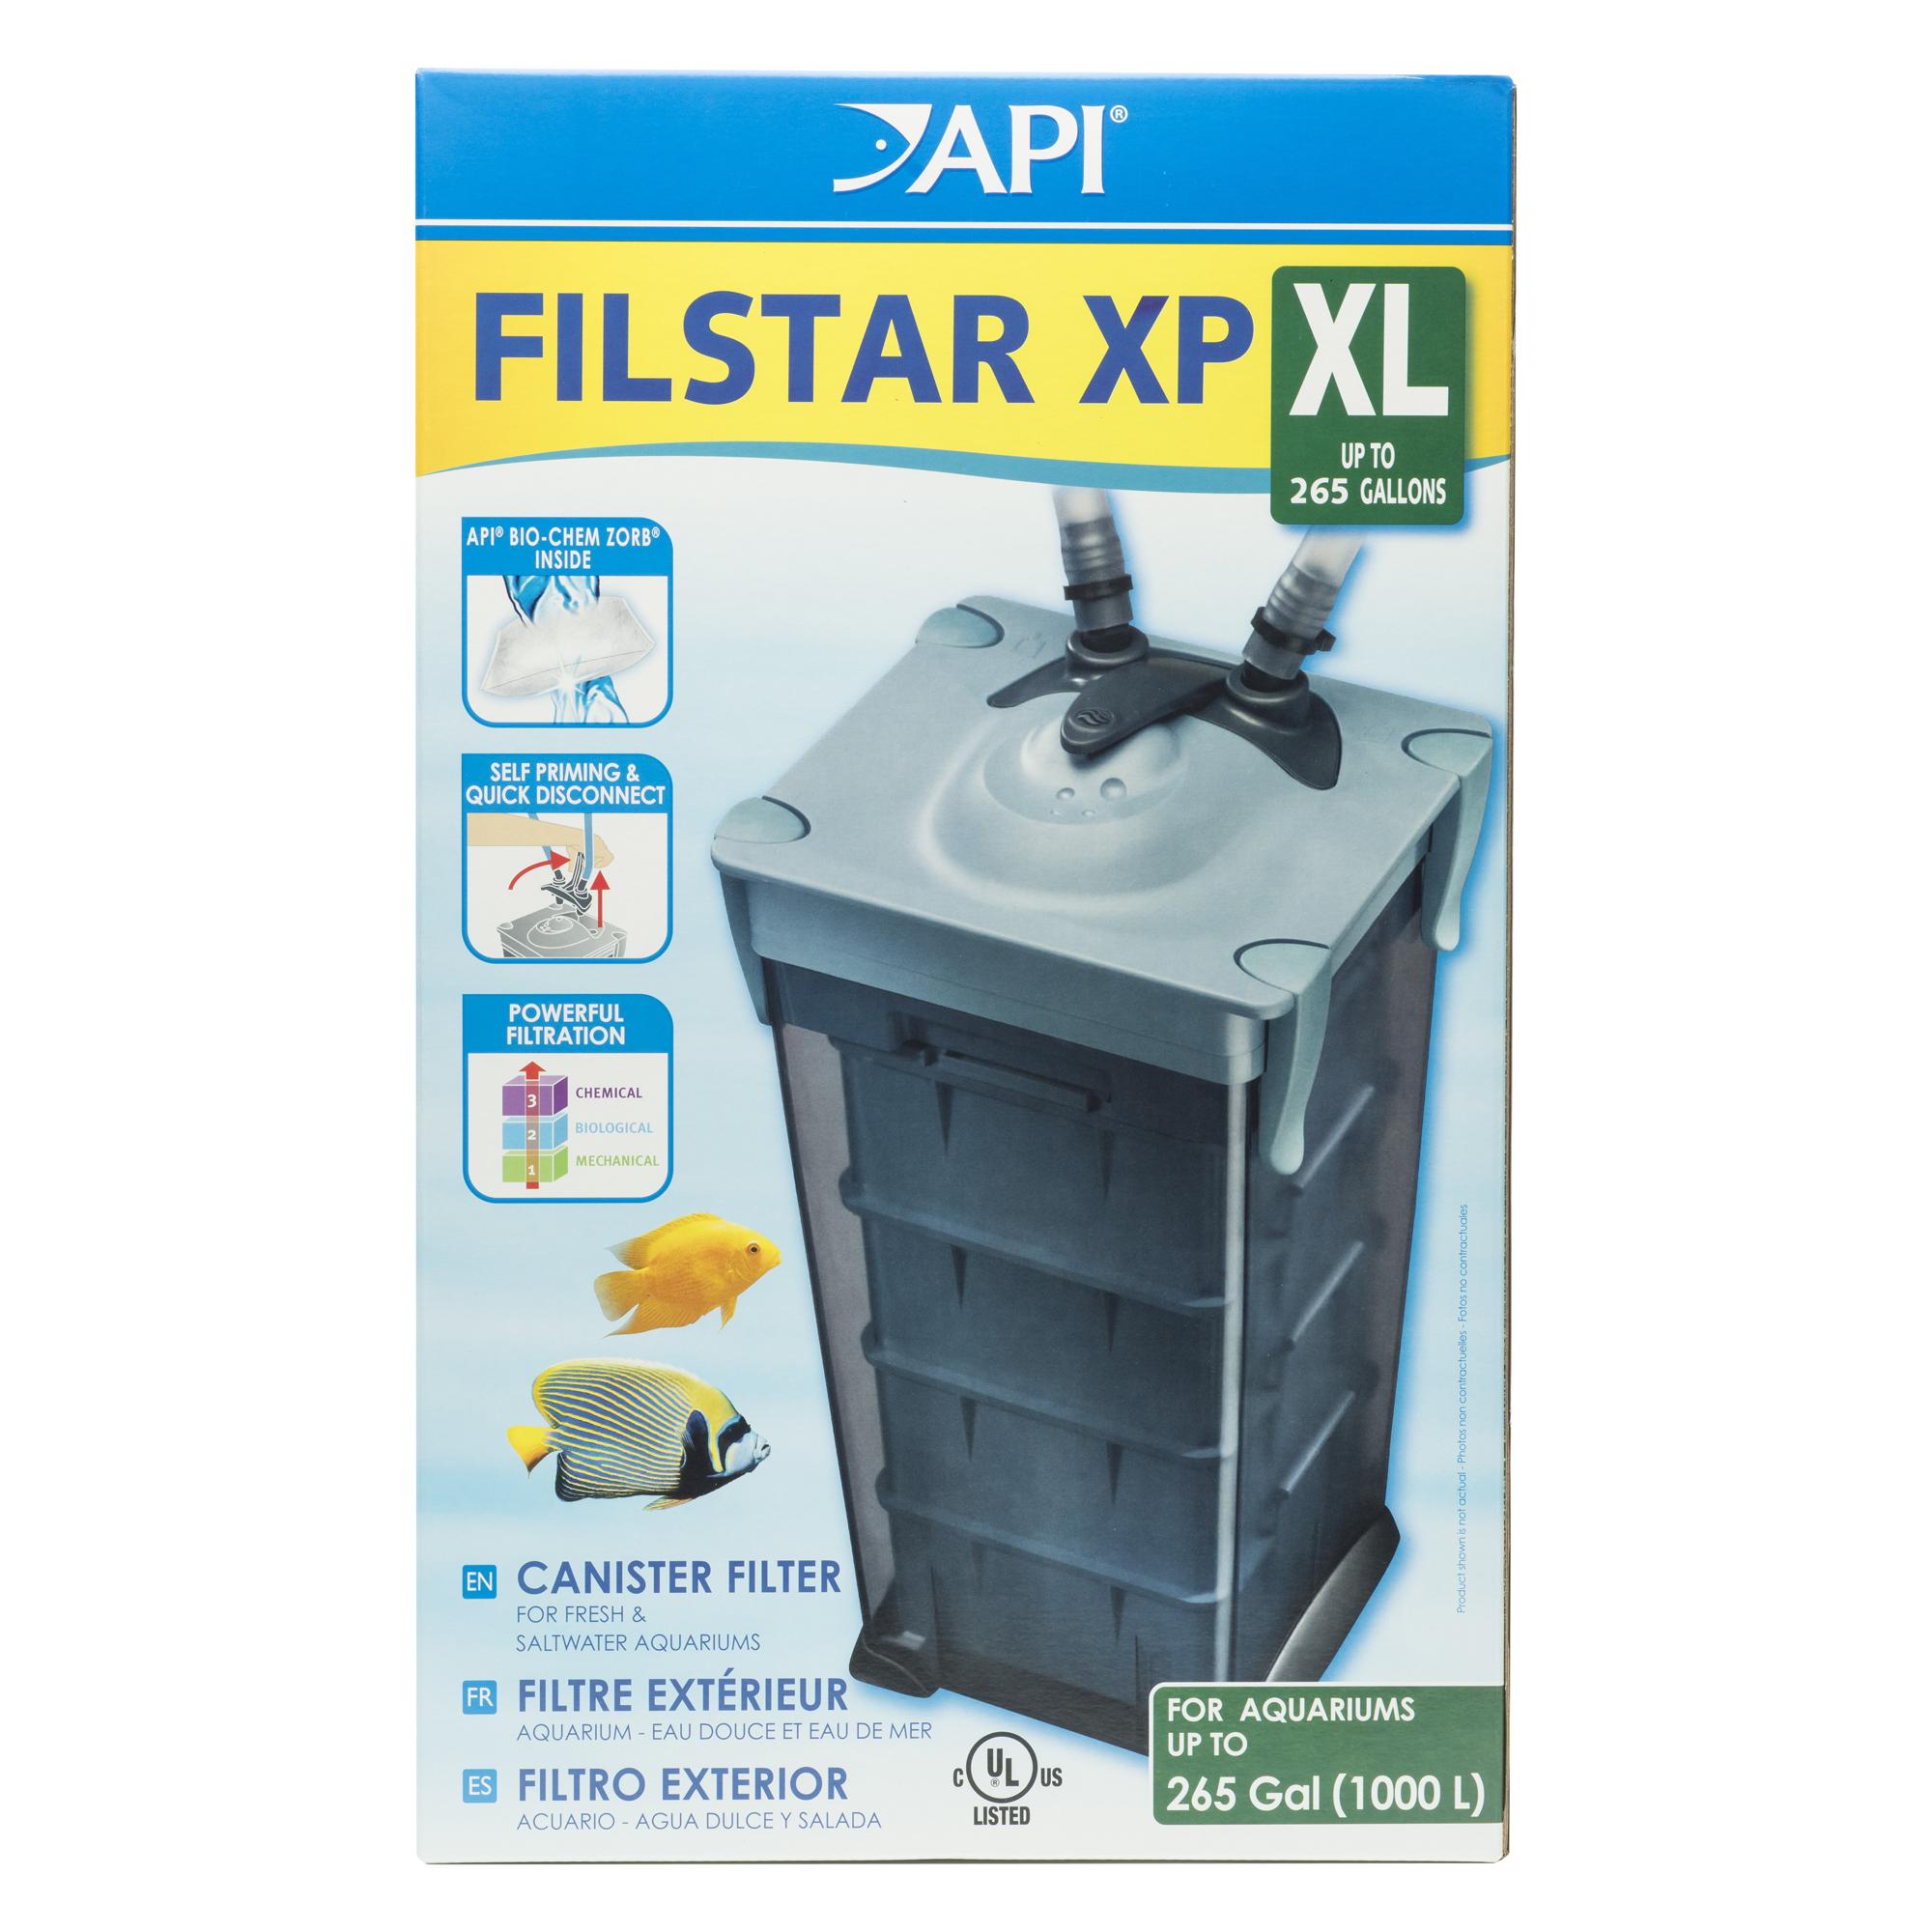 FILSTAR XP FILTER